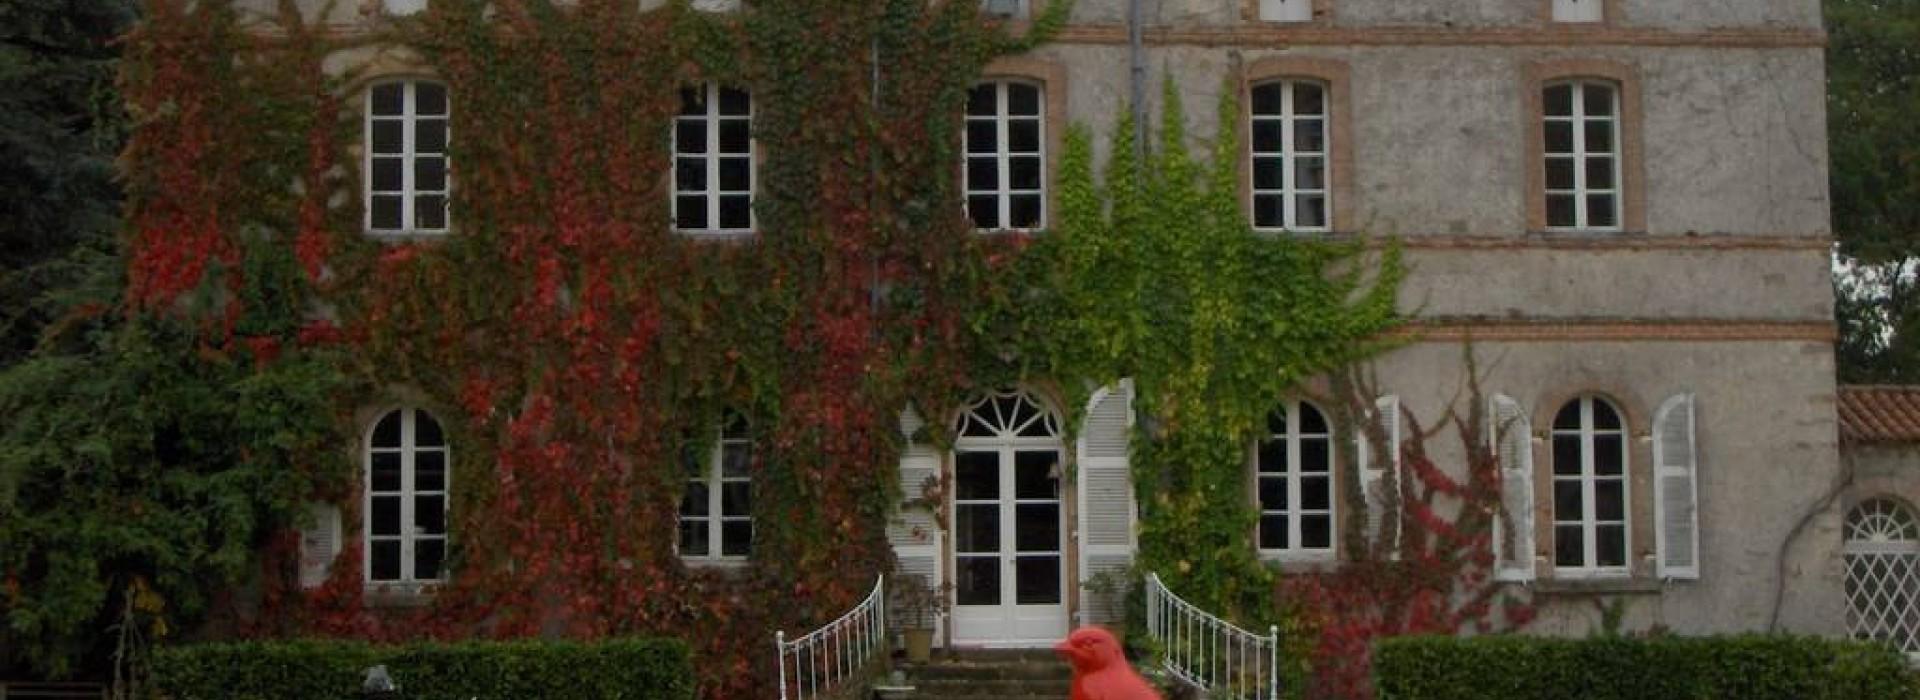 Chambres d 39 hotes chateau de l 39 oiseliniere g stezimmer frankreich pays de la loire - Chambres d hotes chateau d olonne ...